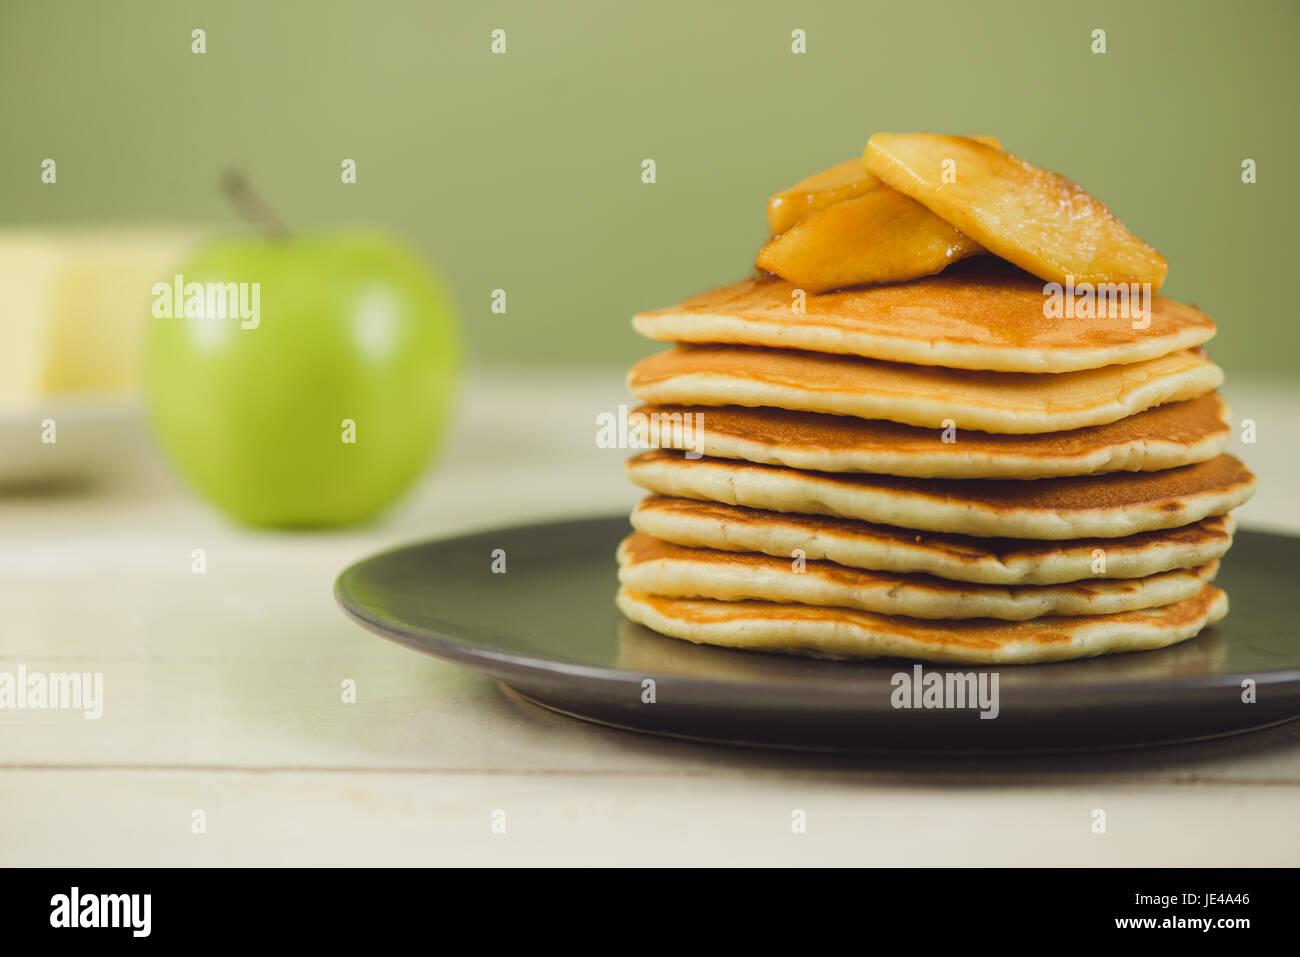 Pfannkuchen mit Apfel auf Tisch. Frühstück, Snacks. Pfannkuchen-Tag. Stockbild